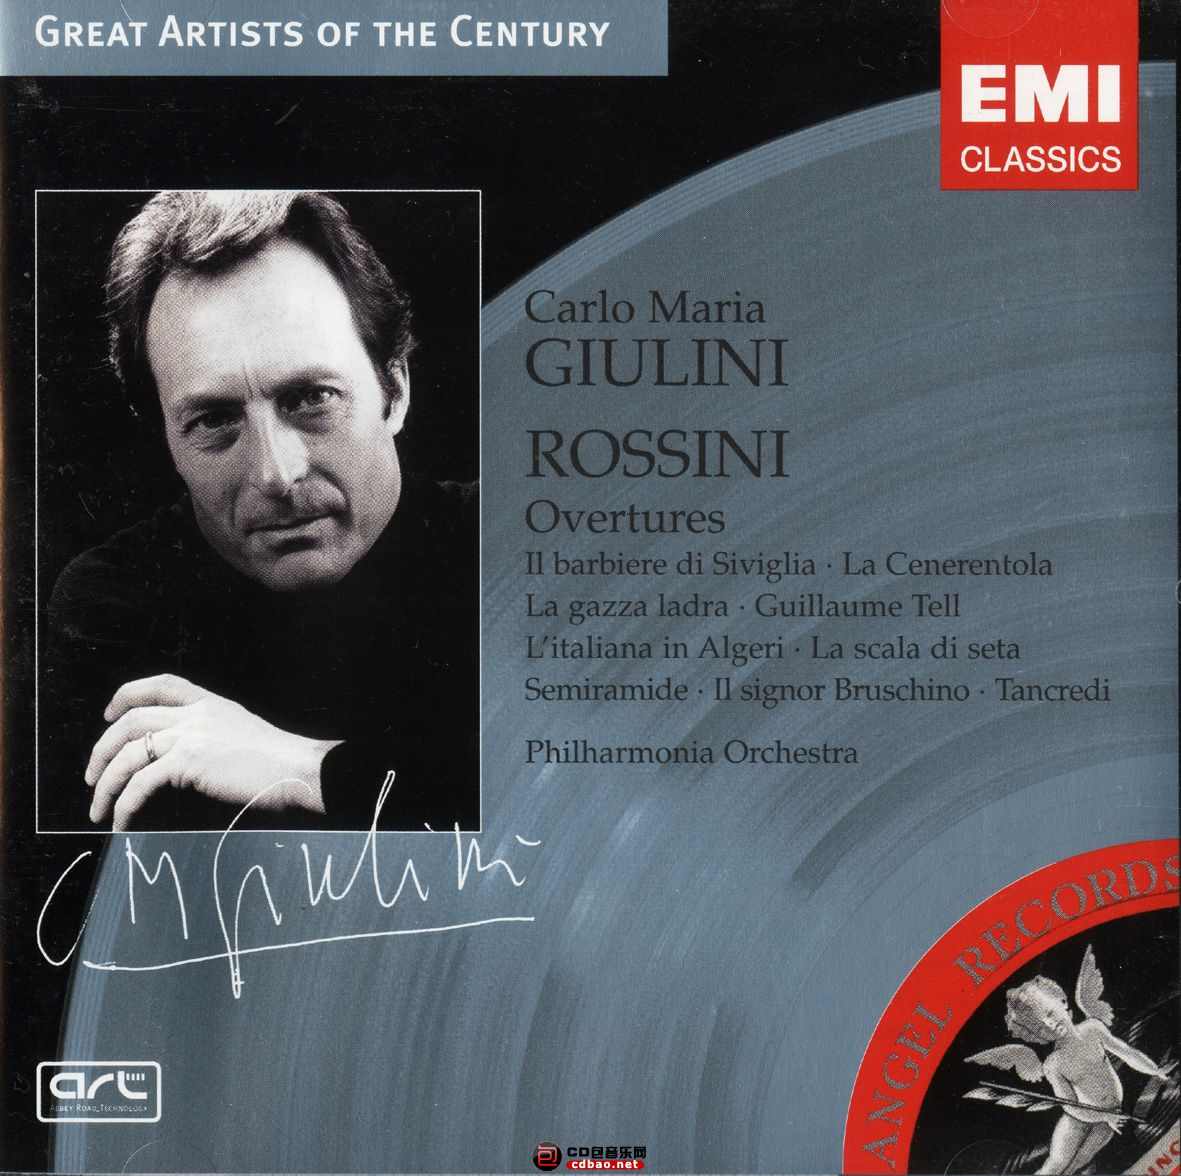 Giulini_Rossini Overtures.01.jpg